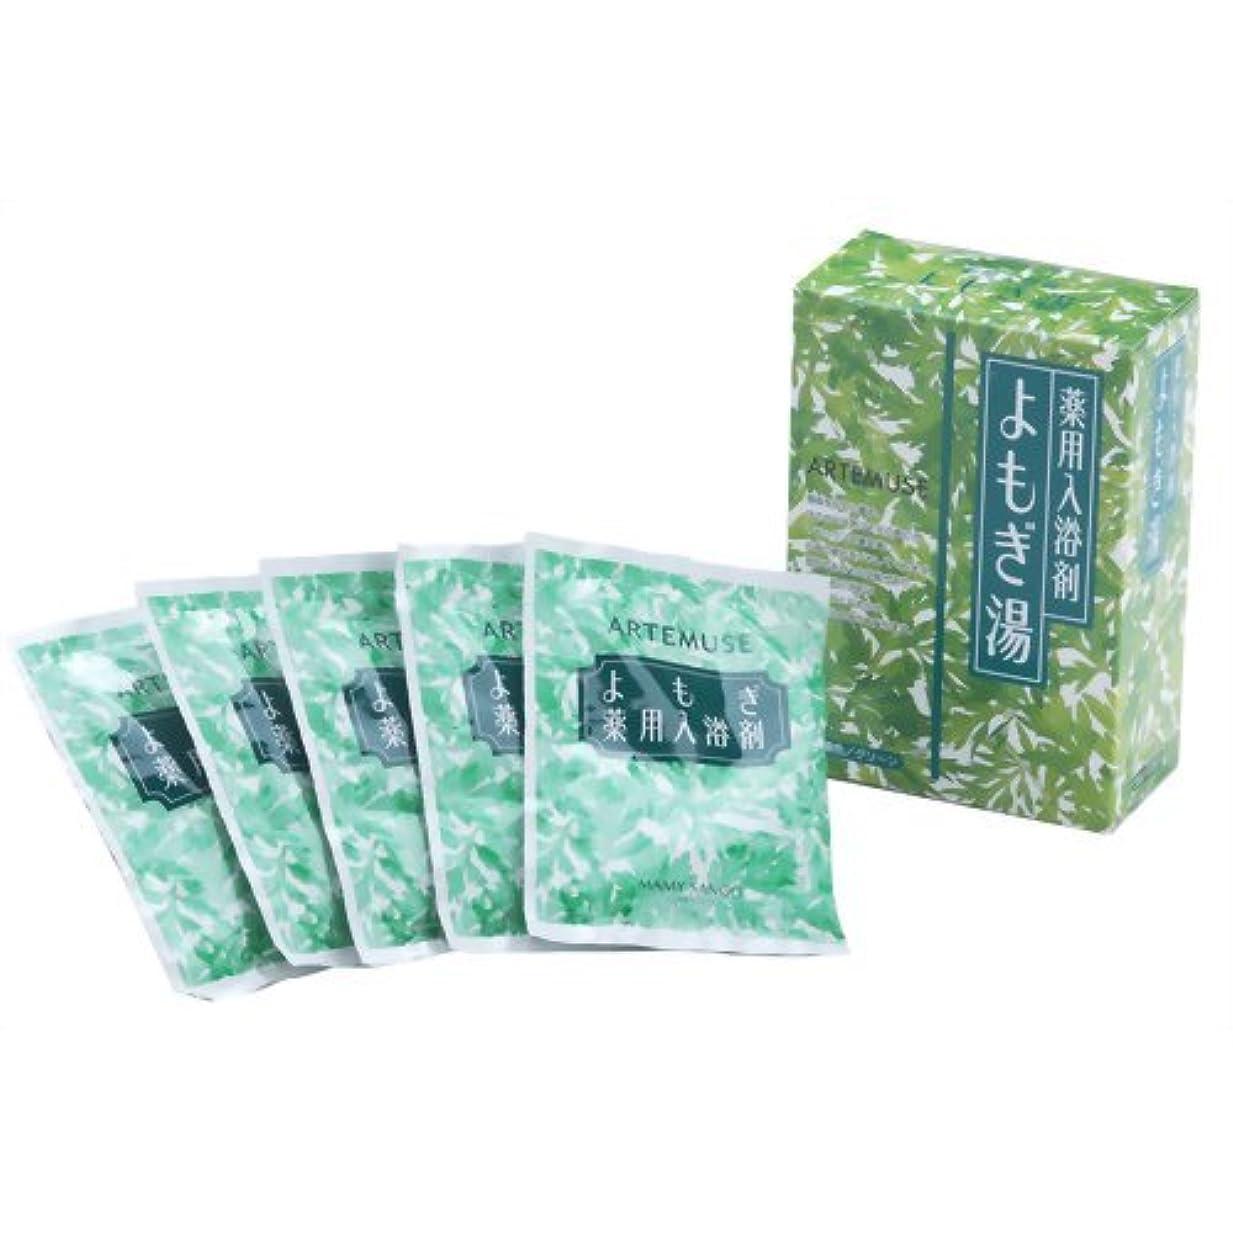 フォアタイプ王女ダルセット三興物産 よもぎ薬用シリーズ よもぎ薬用入浴剤 (分包) 30g×5包入